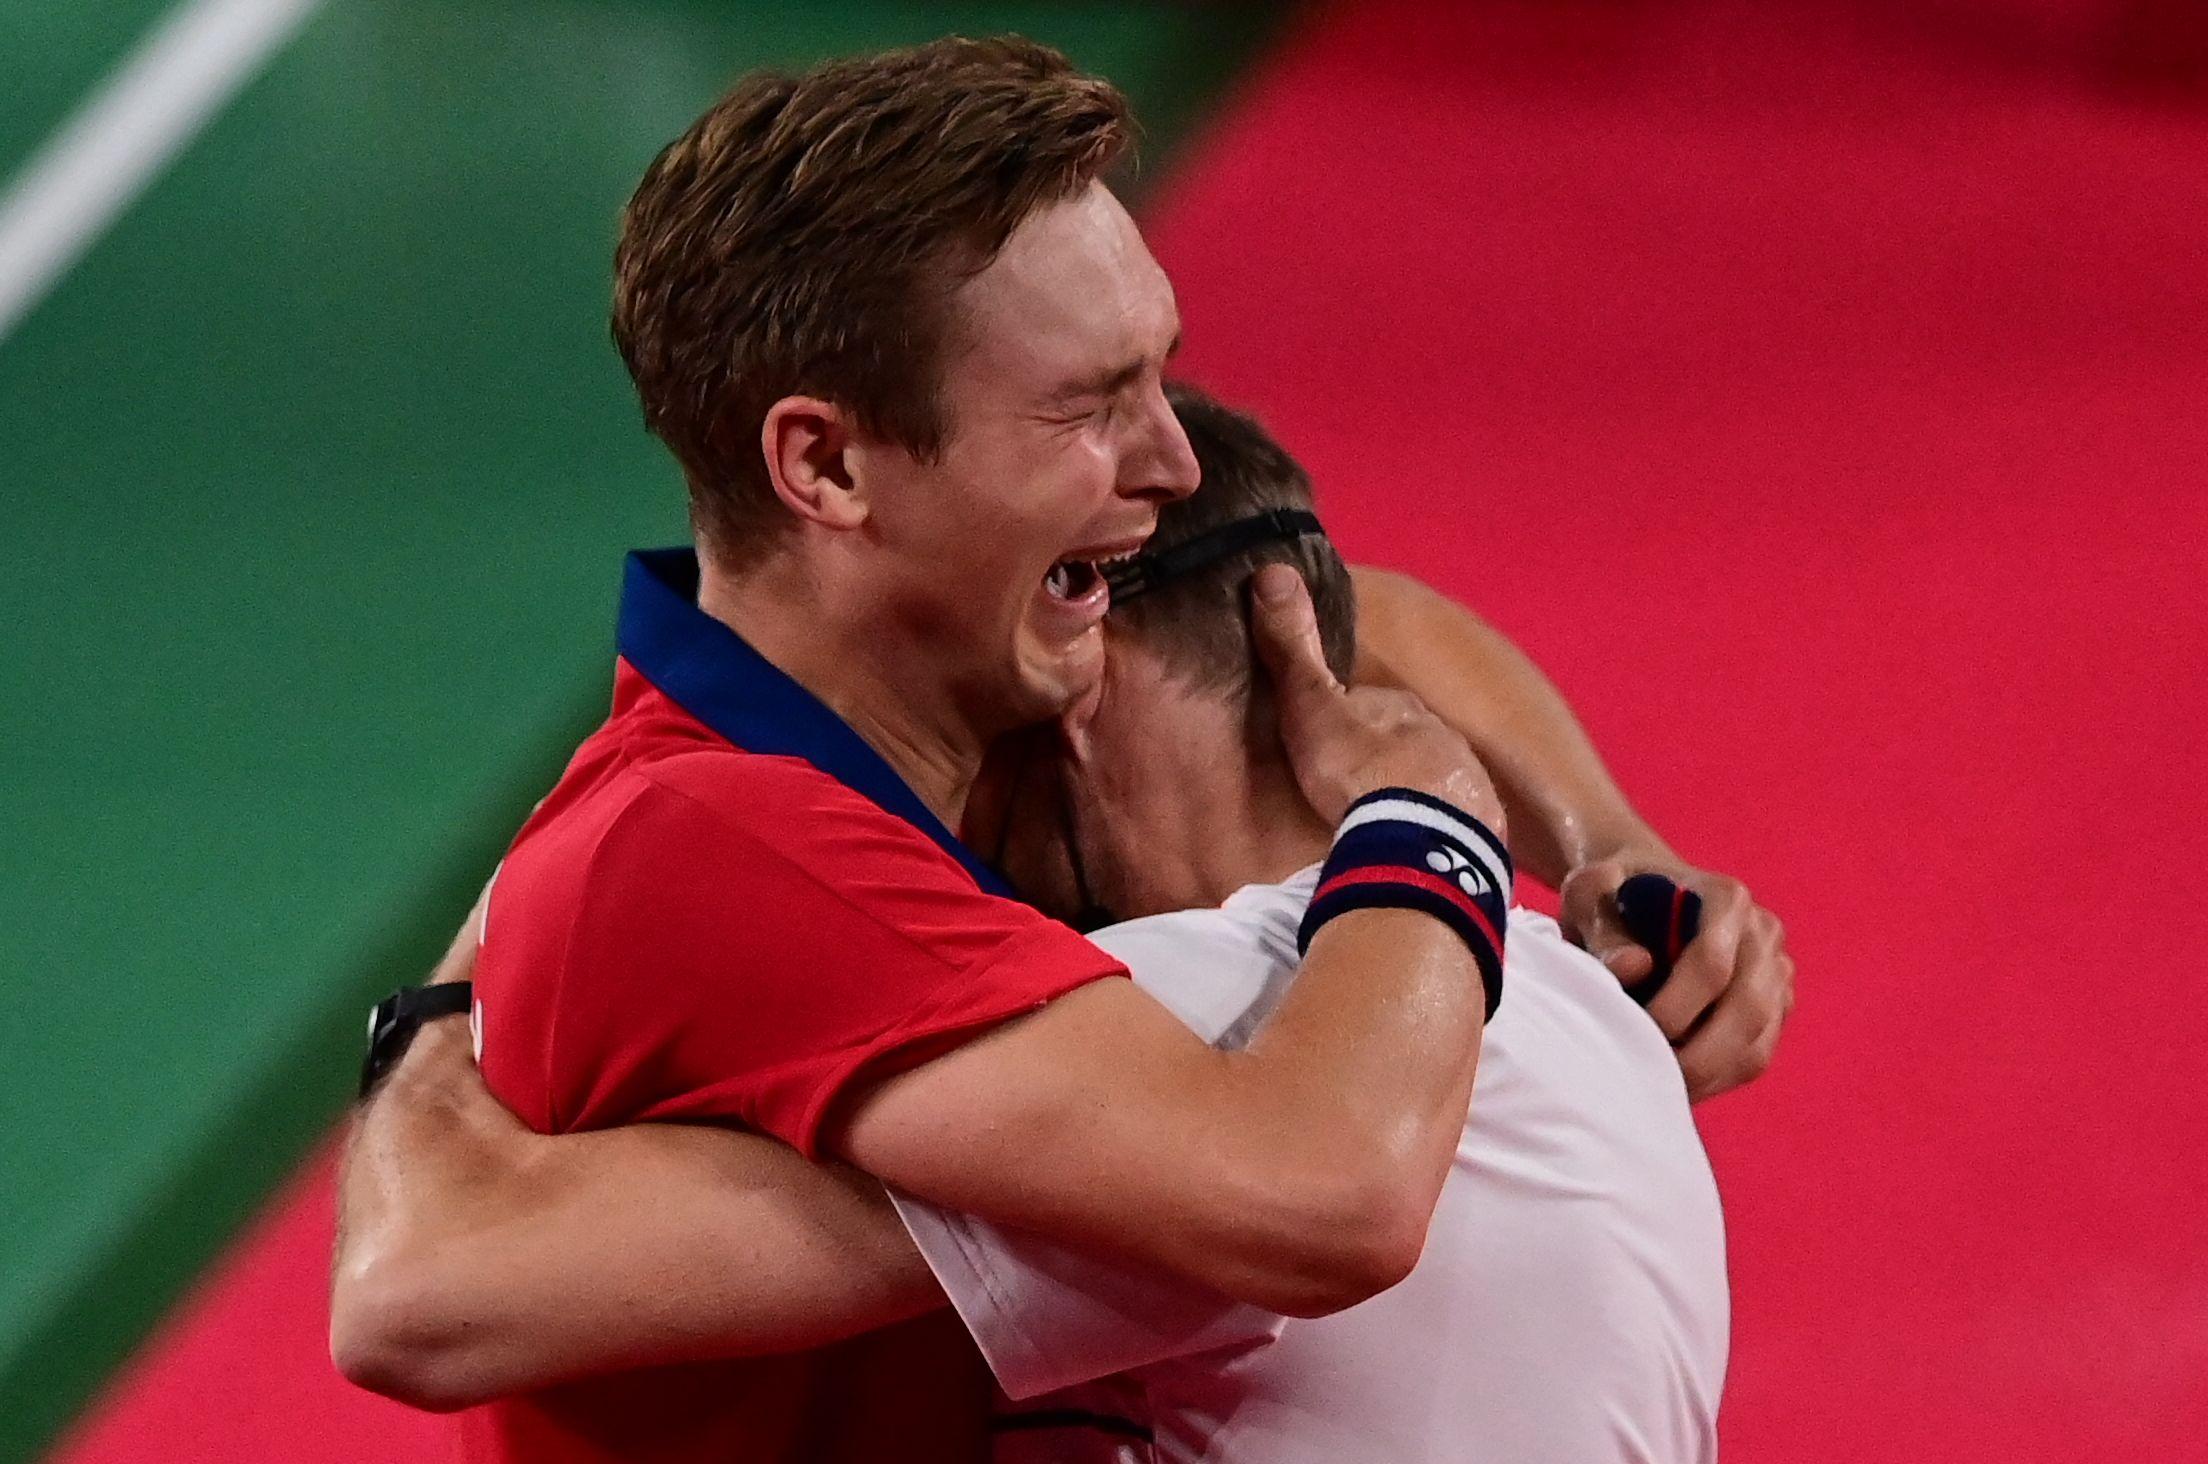 安赛龙抱着教练痛哭。